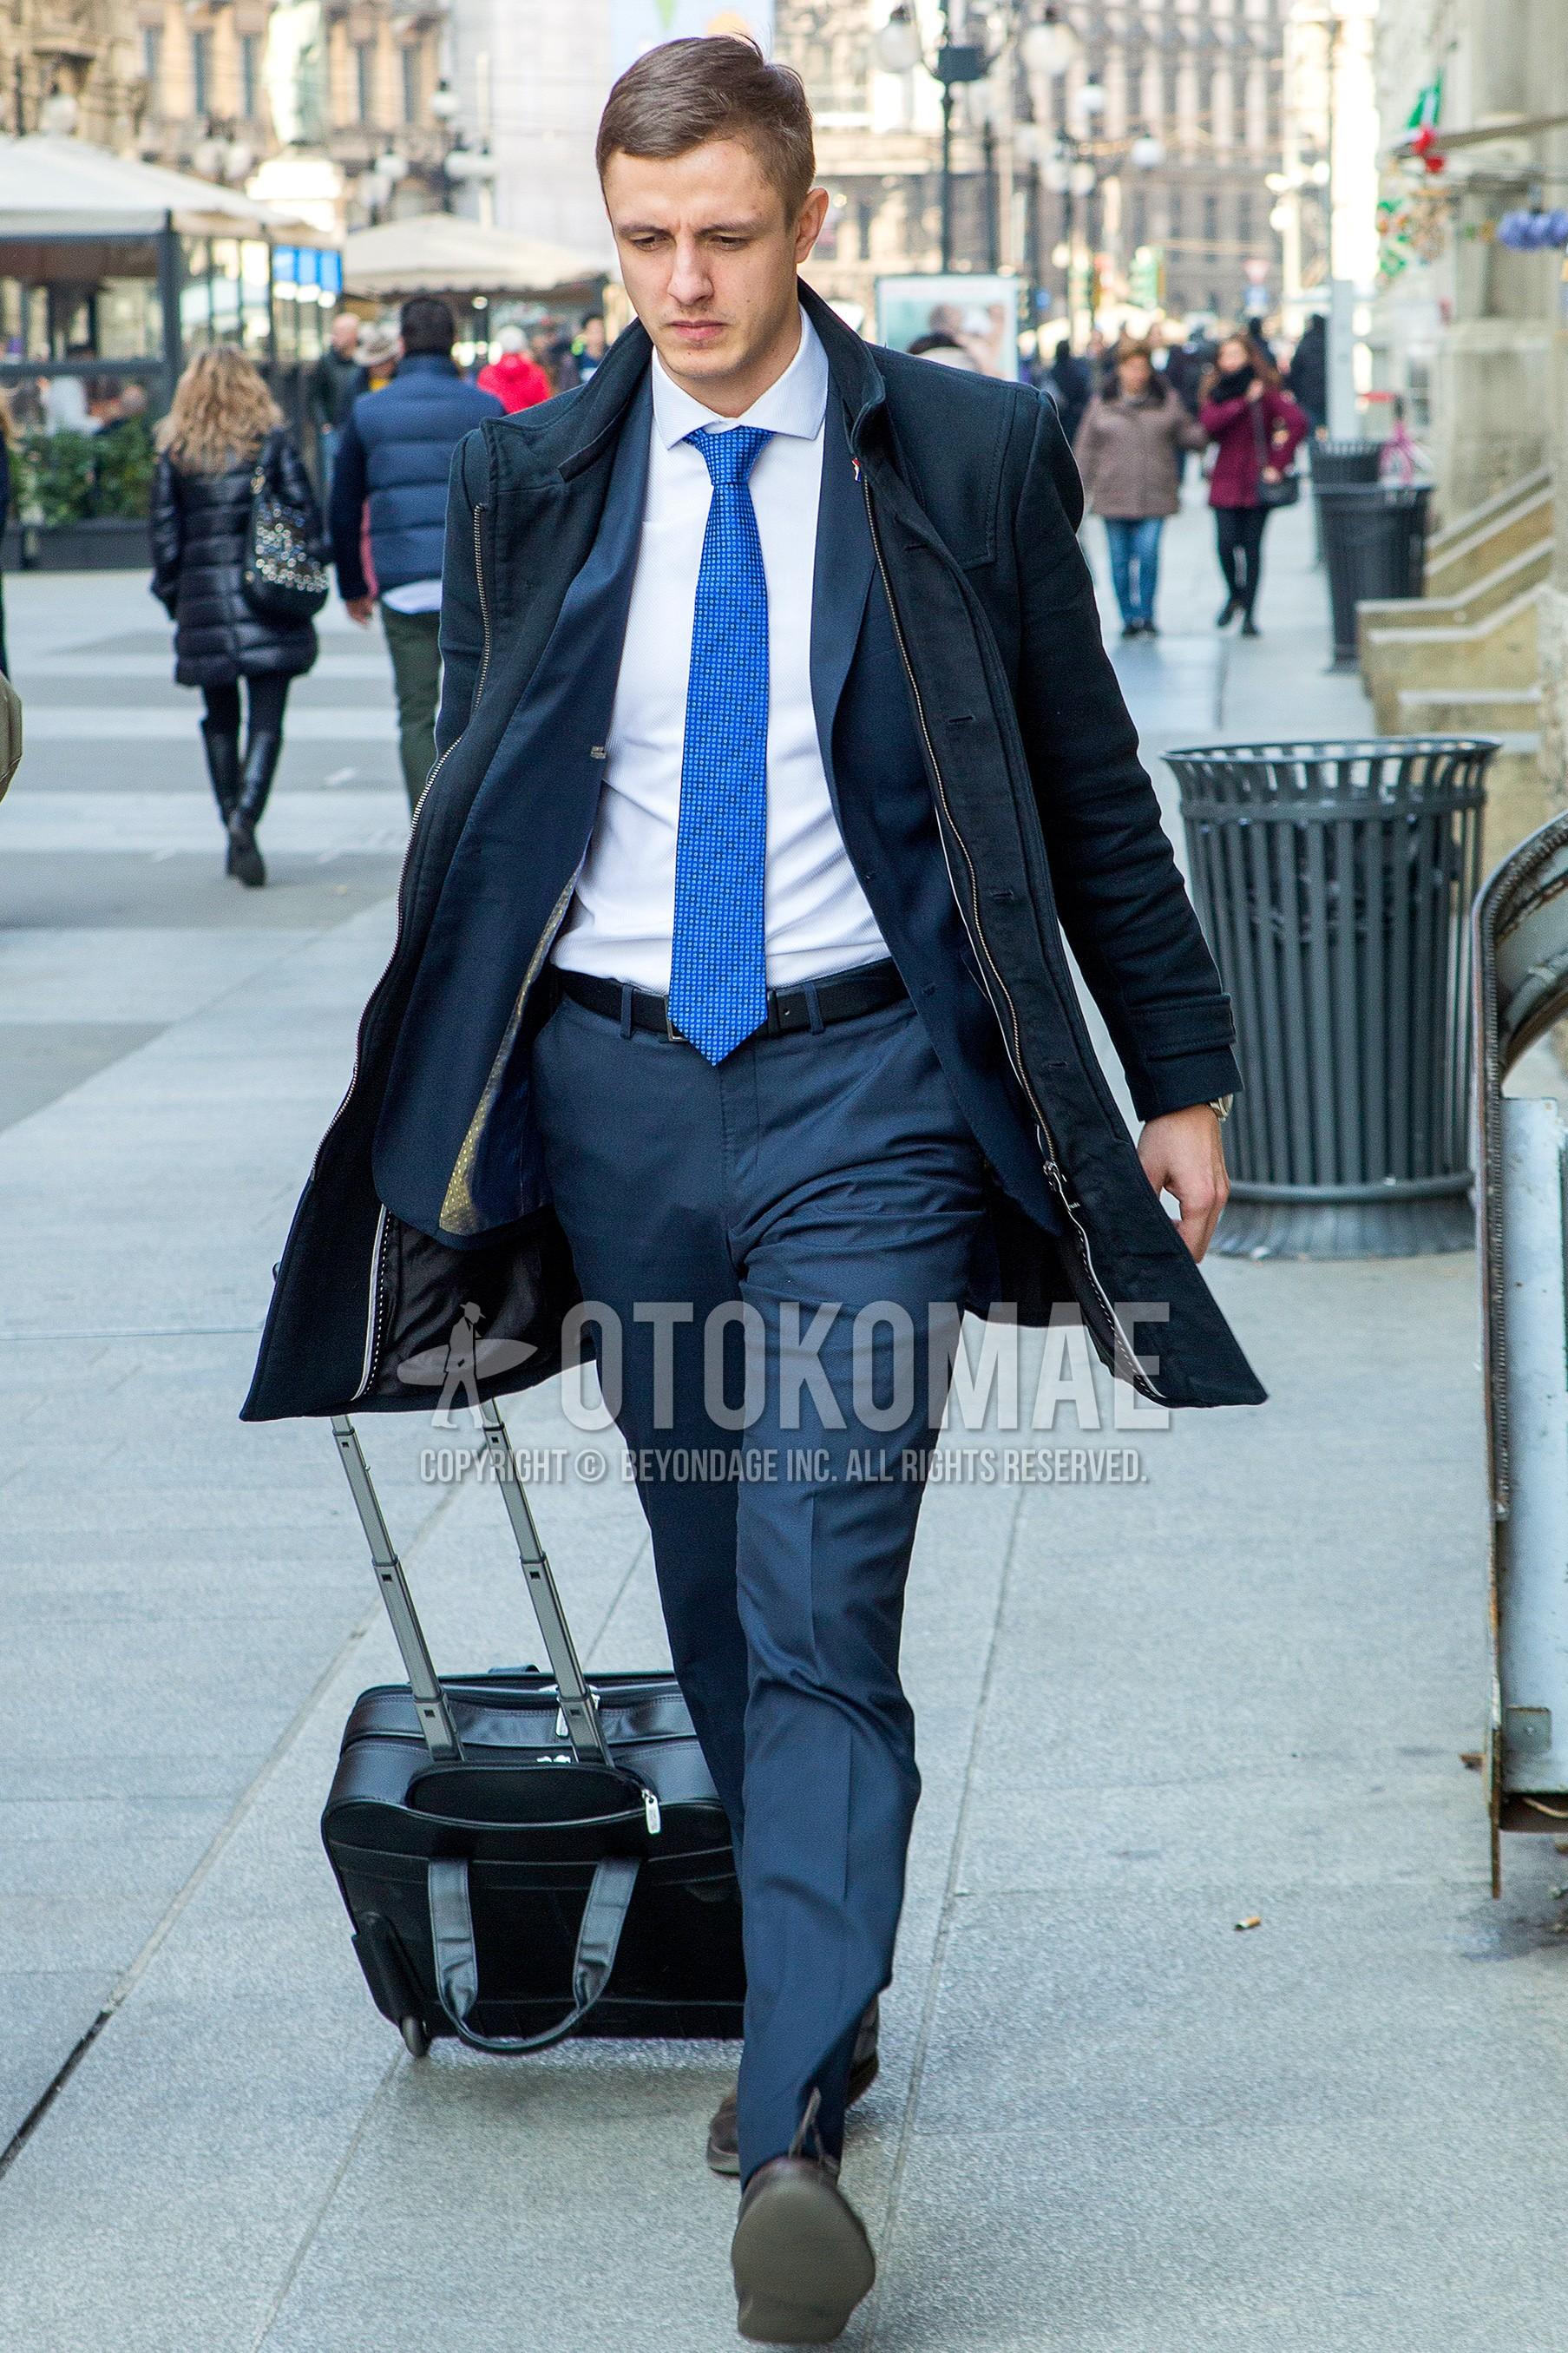 ネイビー無地のステンカラーコート、白無地のシャツ、黒無地のレザーベルト、黒無地のスーツケース、グレー無地のスーツ、ブルーチェックのネクタイを合わせた秋冬のメンズコーデ・着こなし。